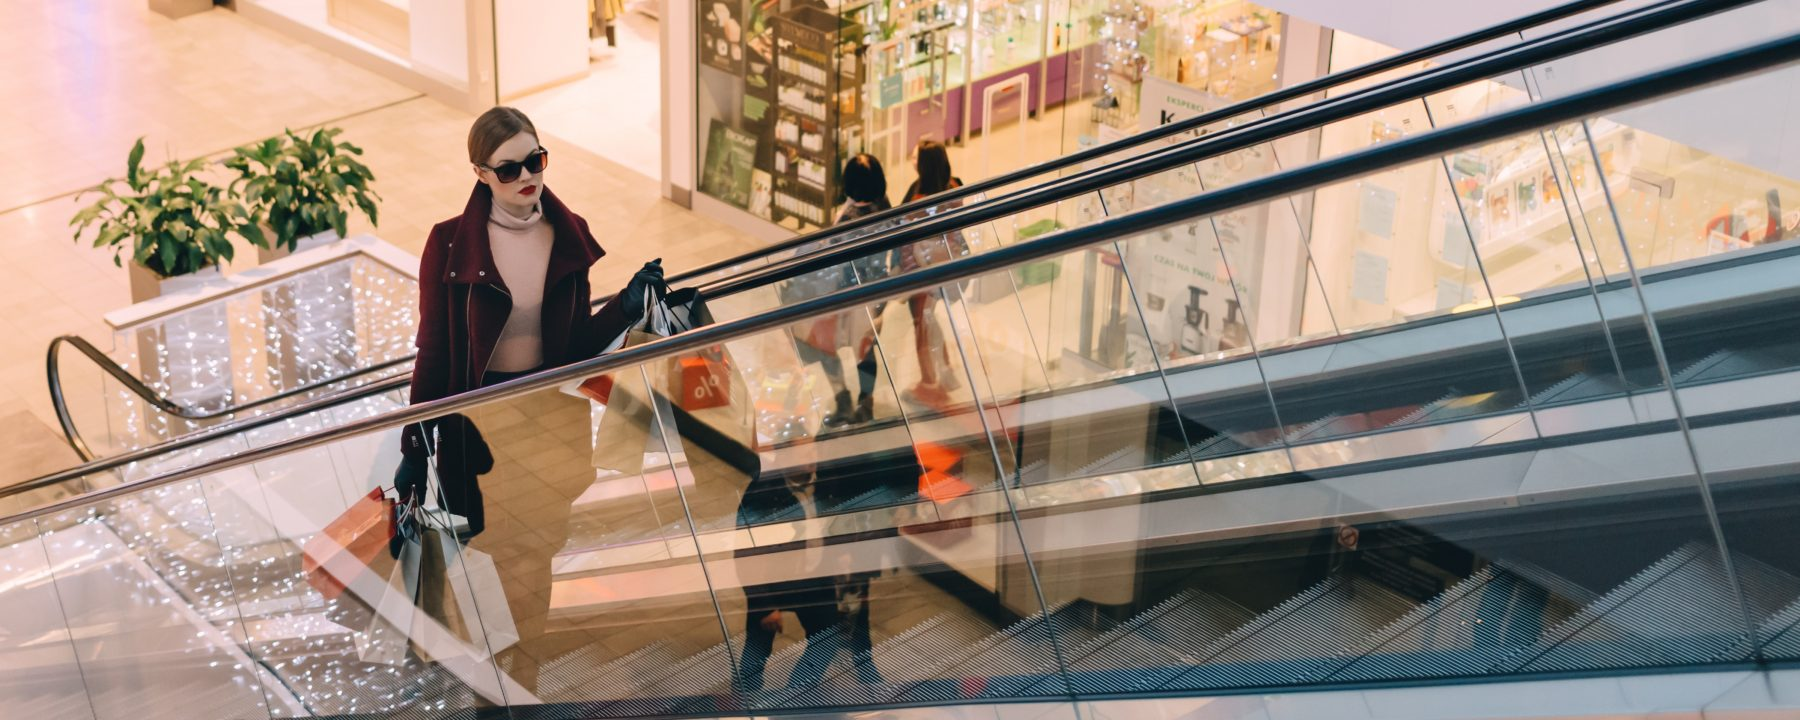 kvinde på rulletrappe - kunderejse